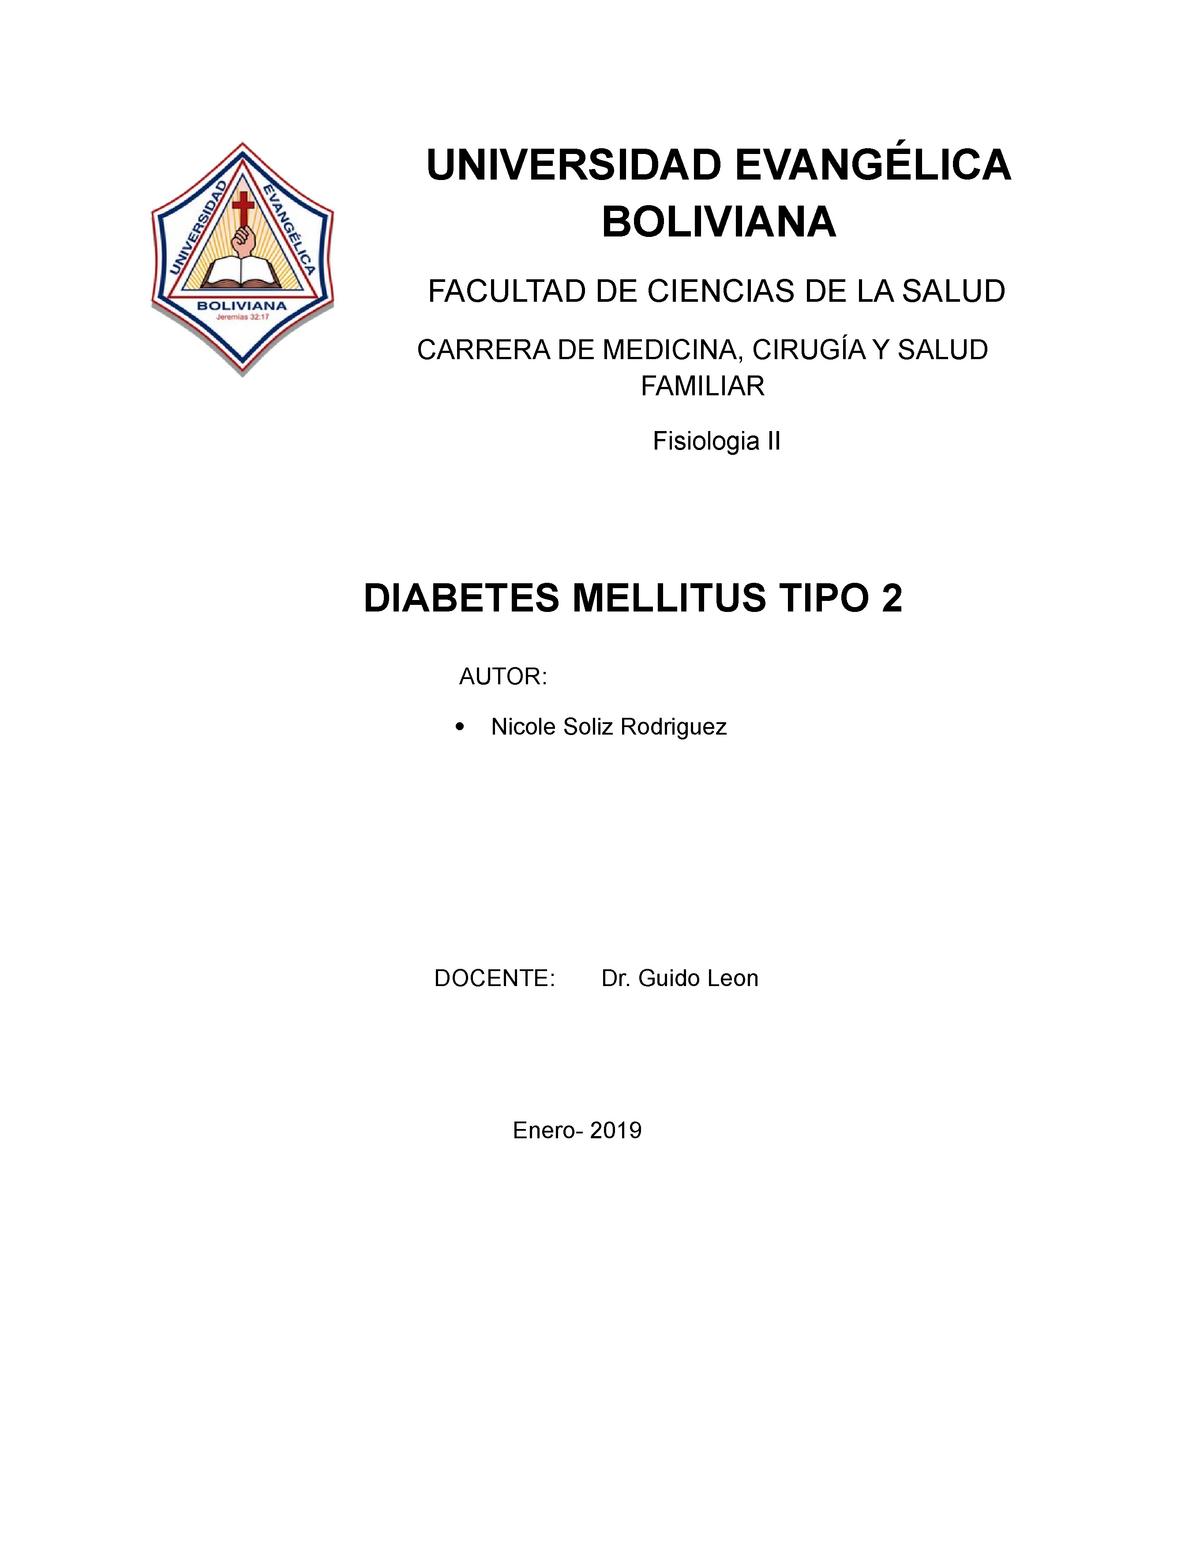 criterio de diabetes hhs ada